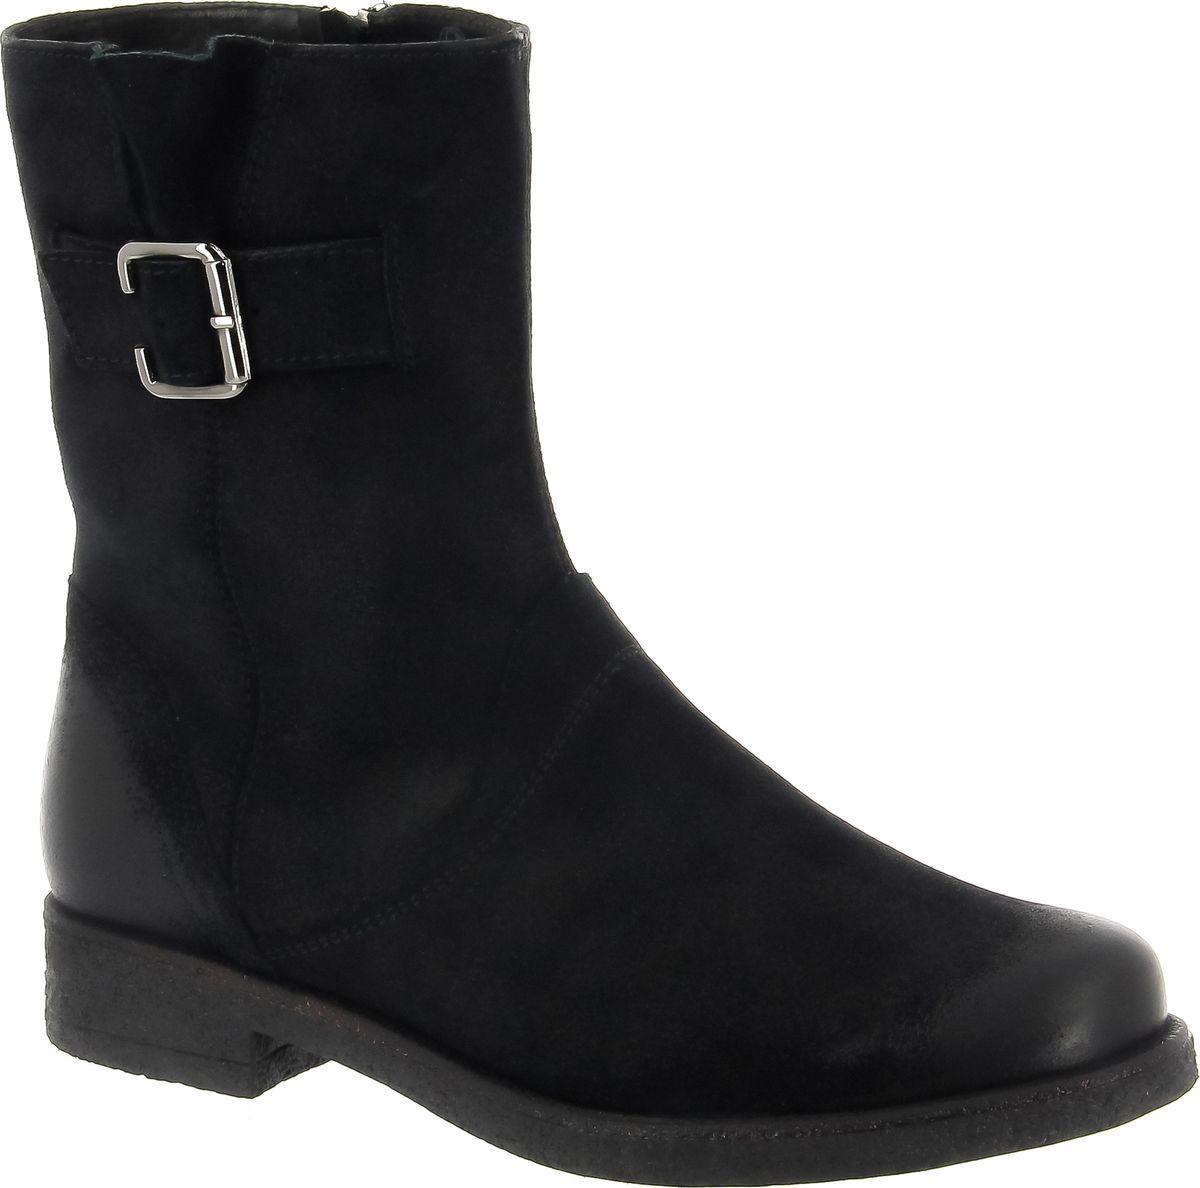 Полусапоги женские Ralf Ringer Alva, цвет: черный. 945207ЧВ. Размер 39945207ЧВУдобные практичные полусапоги идеальны в повседневной носке. Обувь отлично садится по ноге. Верх из спилка выглядит дорого и стильно, ведь материал напоминает велюр, но более долговечен. Высокая подошва защищает ноги от холода и промокания. Невысокий каблук поддерживает стопу в оптимальном положении, снимая напряжение и предотвращая появление боли в ногах даже после длительных прогулок.